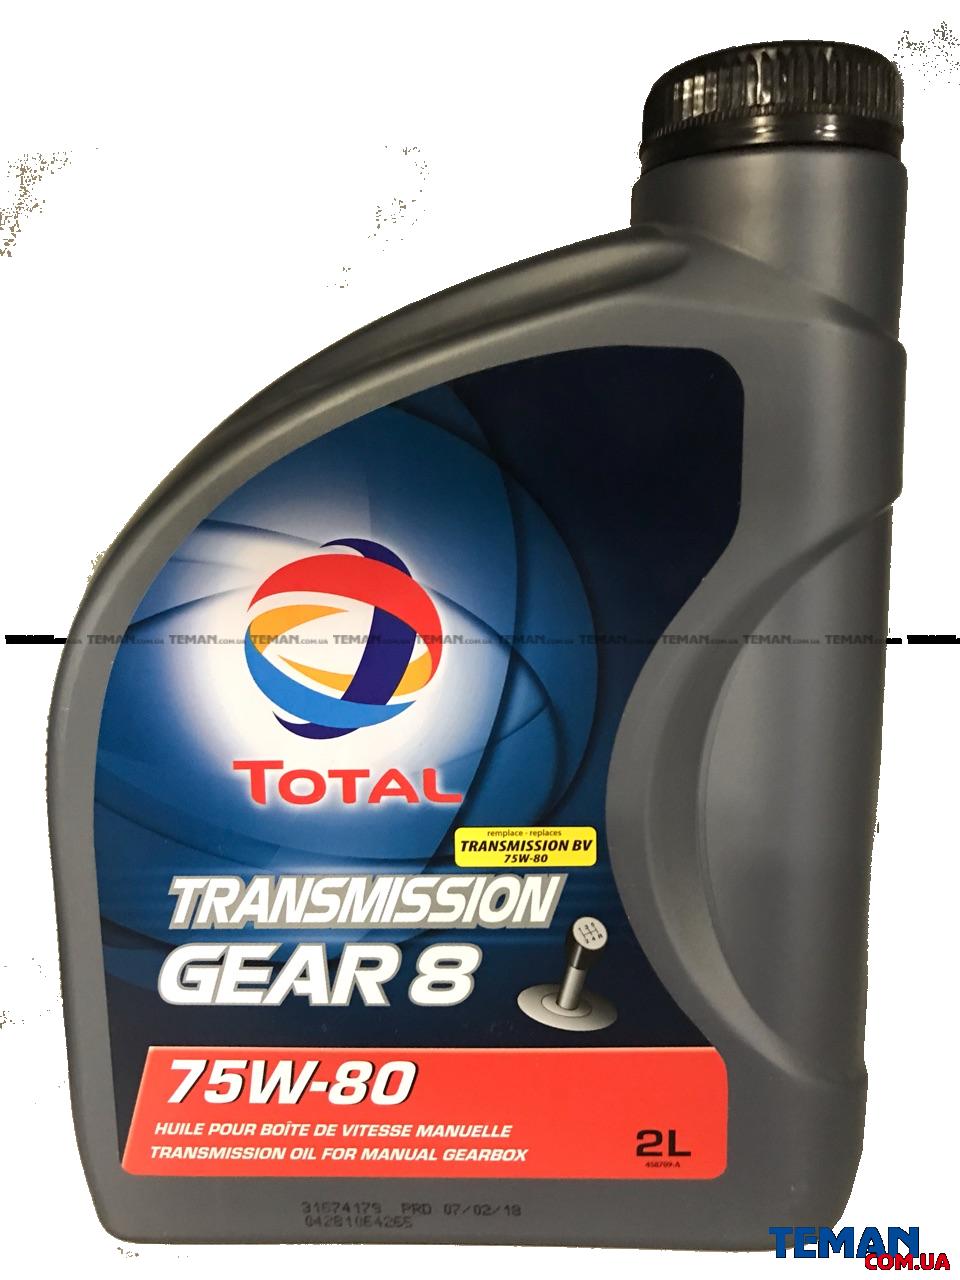 Купить Трансмиссионное масло TRANSMISSION GEAR 8 75W80, 2лTOTAL 201279